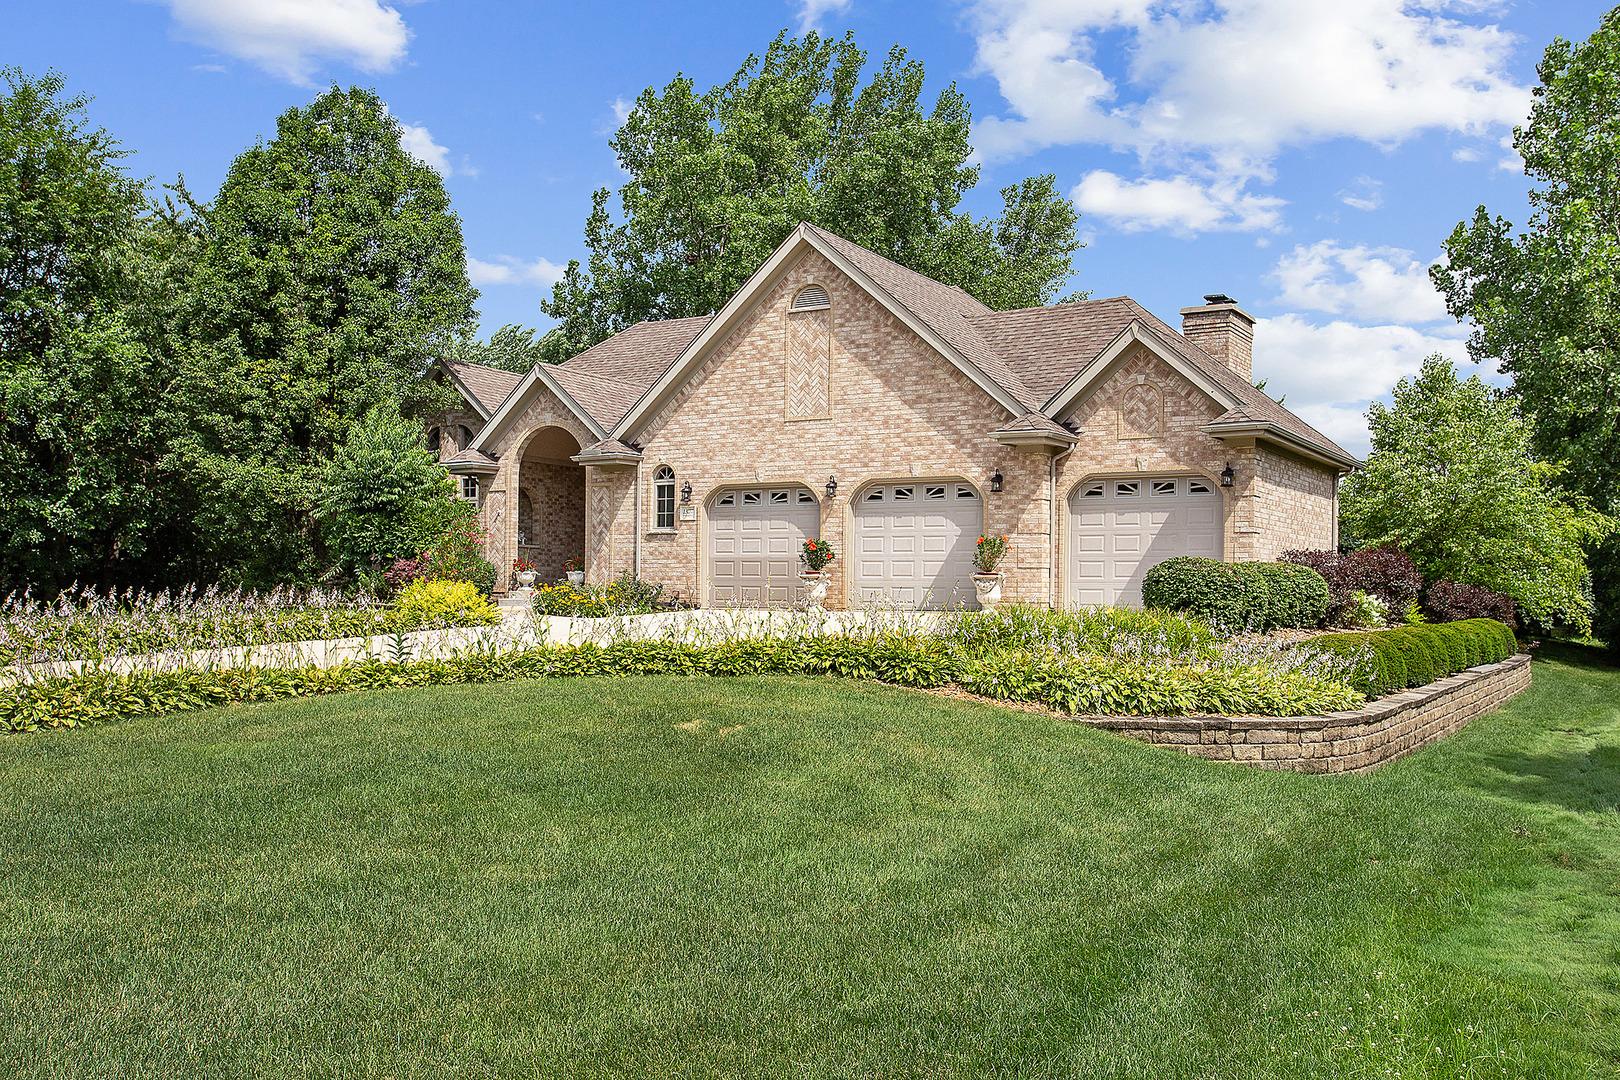 13277 Briar Patch, LEMONT, Illinois, 60439